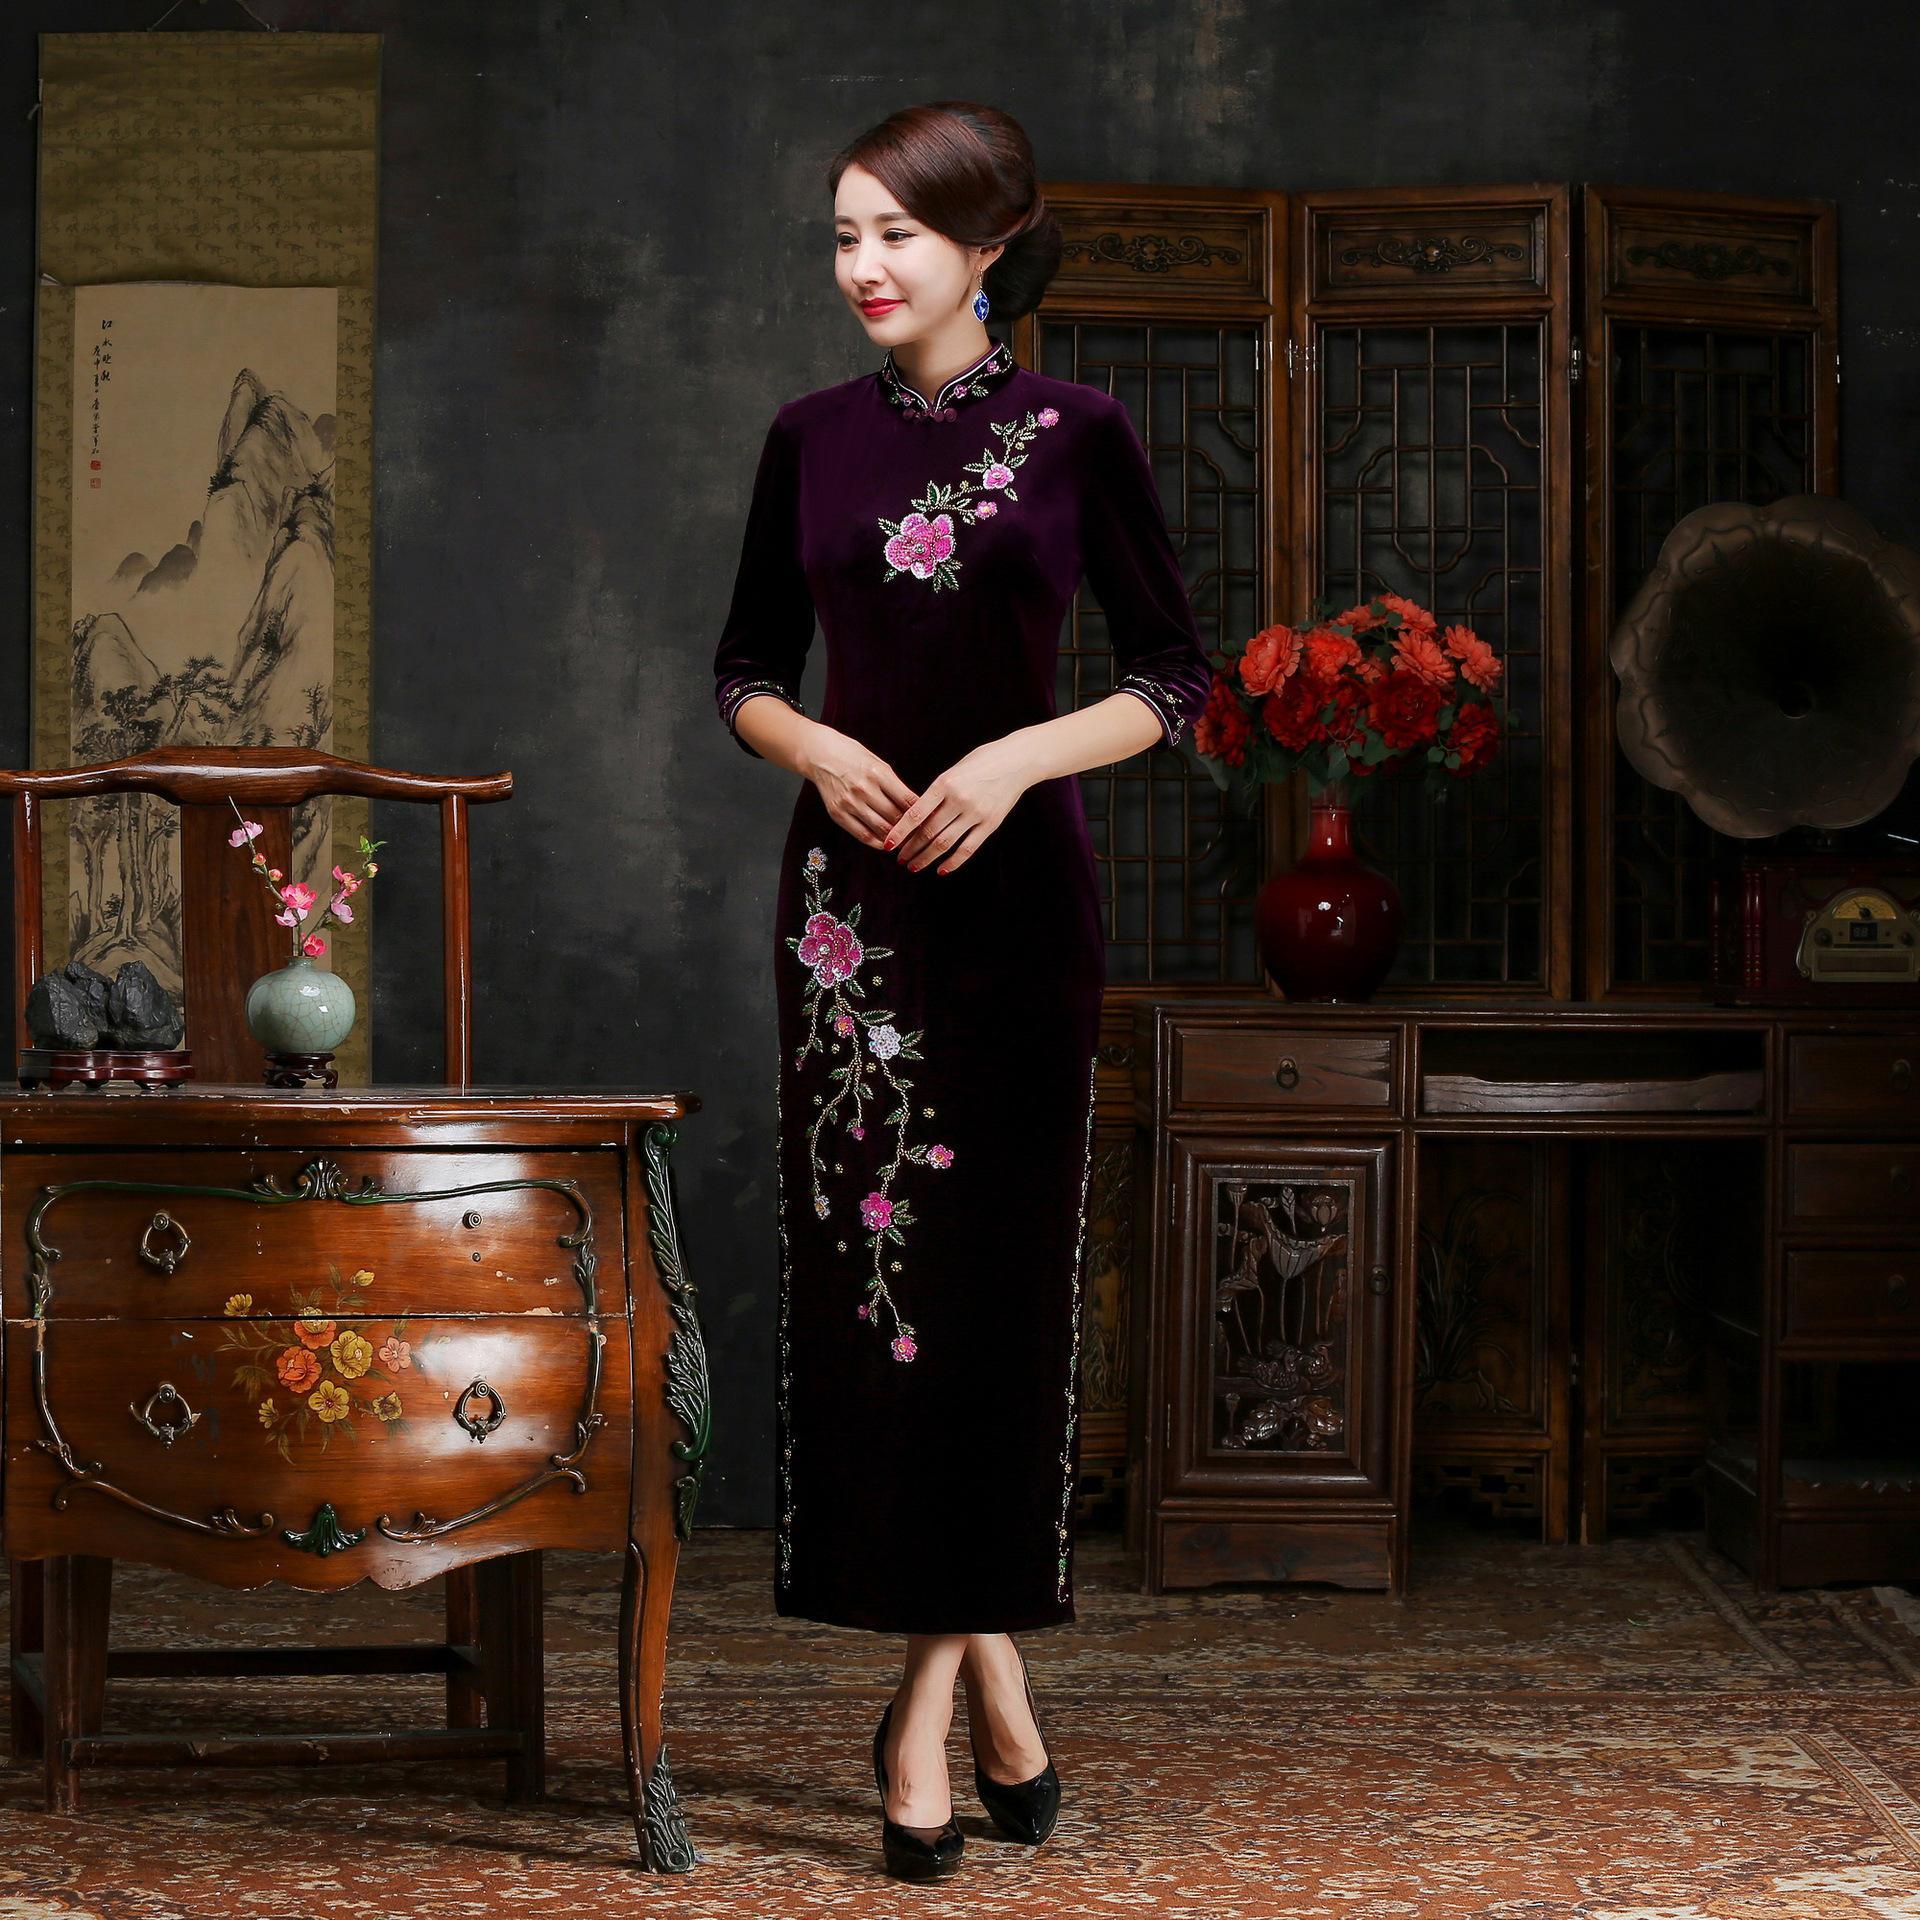 Осень зима для женщин вышивка Qipao пикантные высокие разделение Cheongsam Oversize 3XL 4XL Винтаж ручной работы и пуговицы платье Vestiidos - Цвет: Purple Long